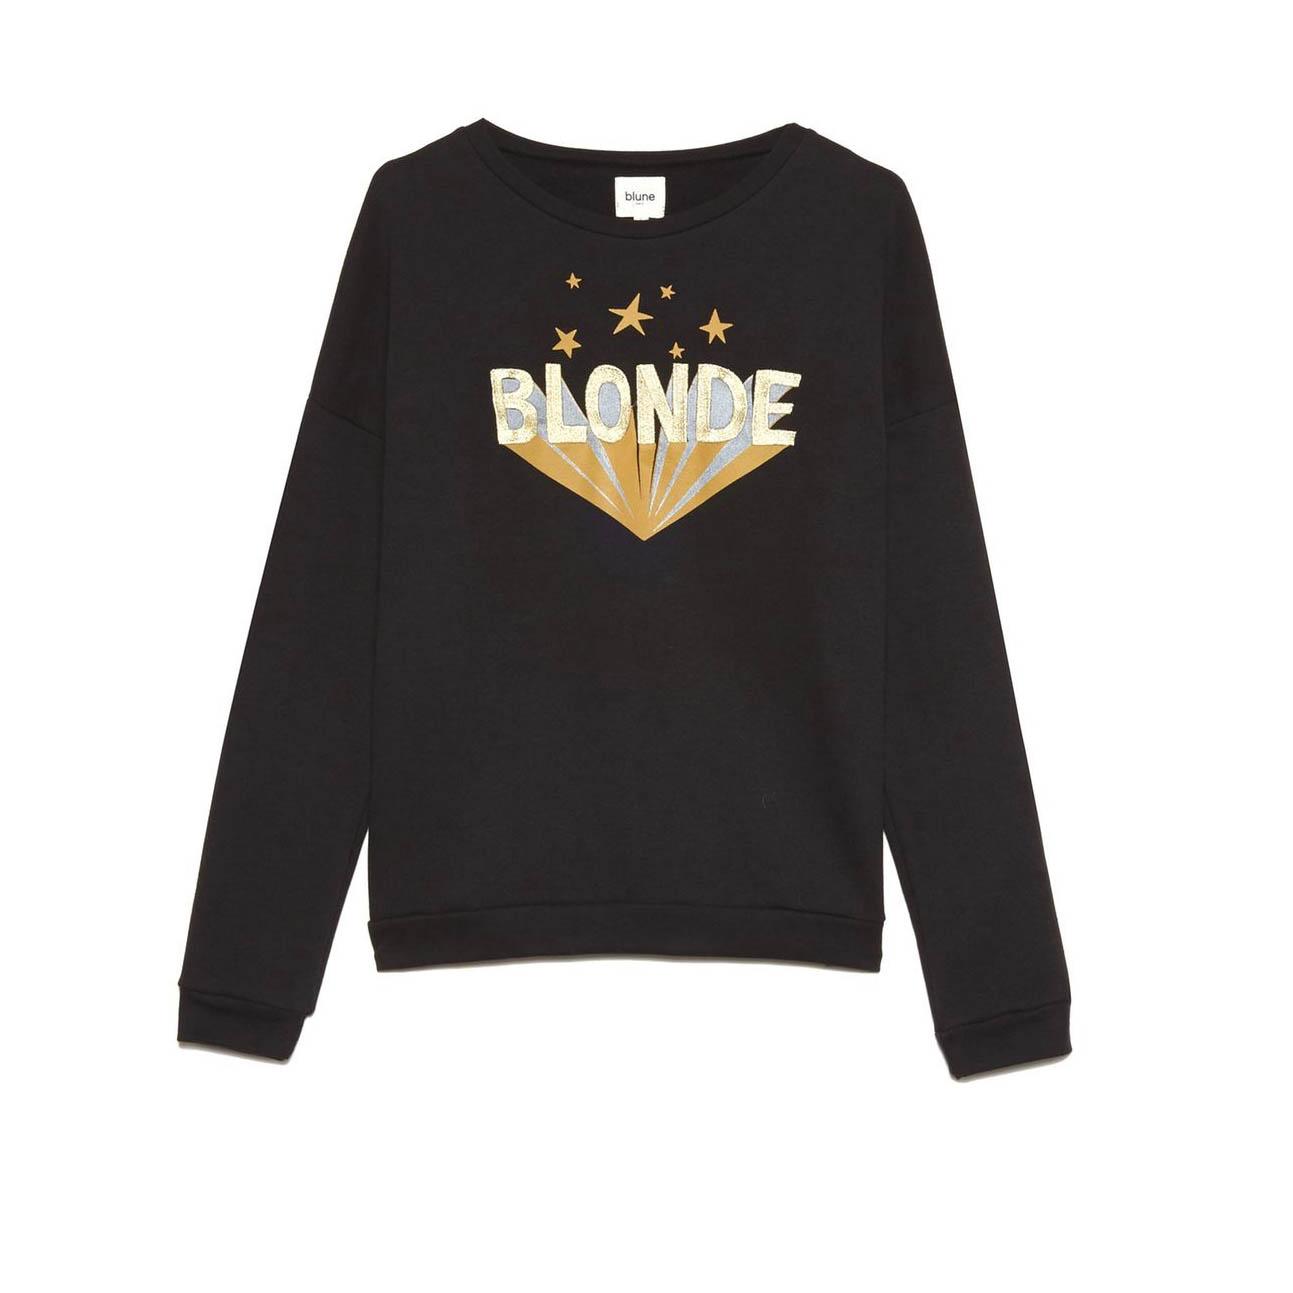 blonde-blune-sweat-la-redoute-molleton-soldes-femme